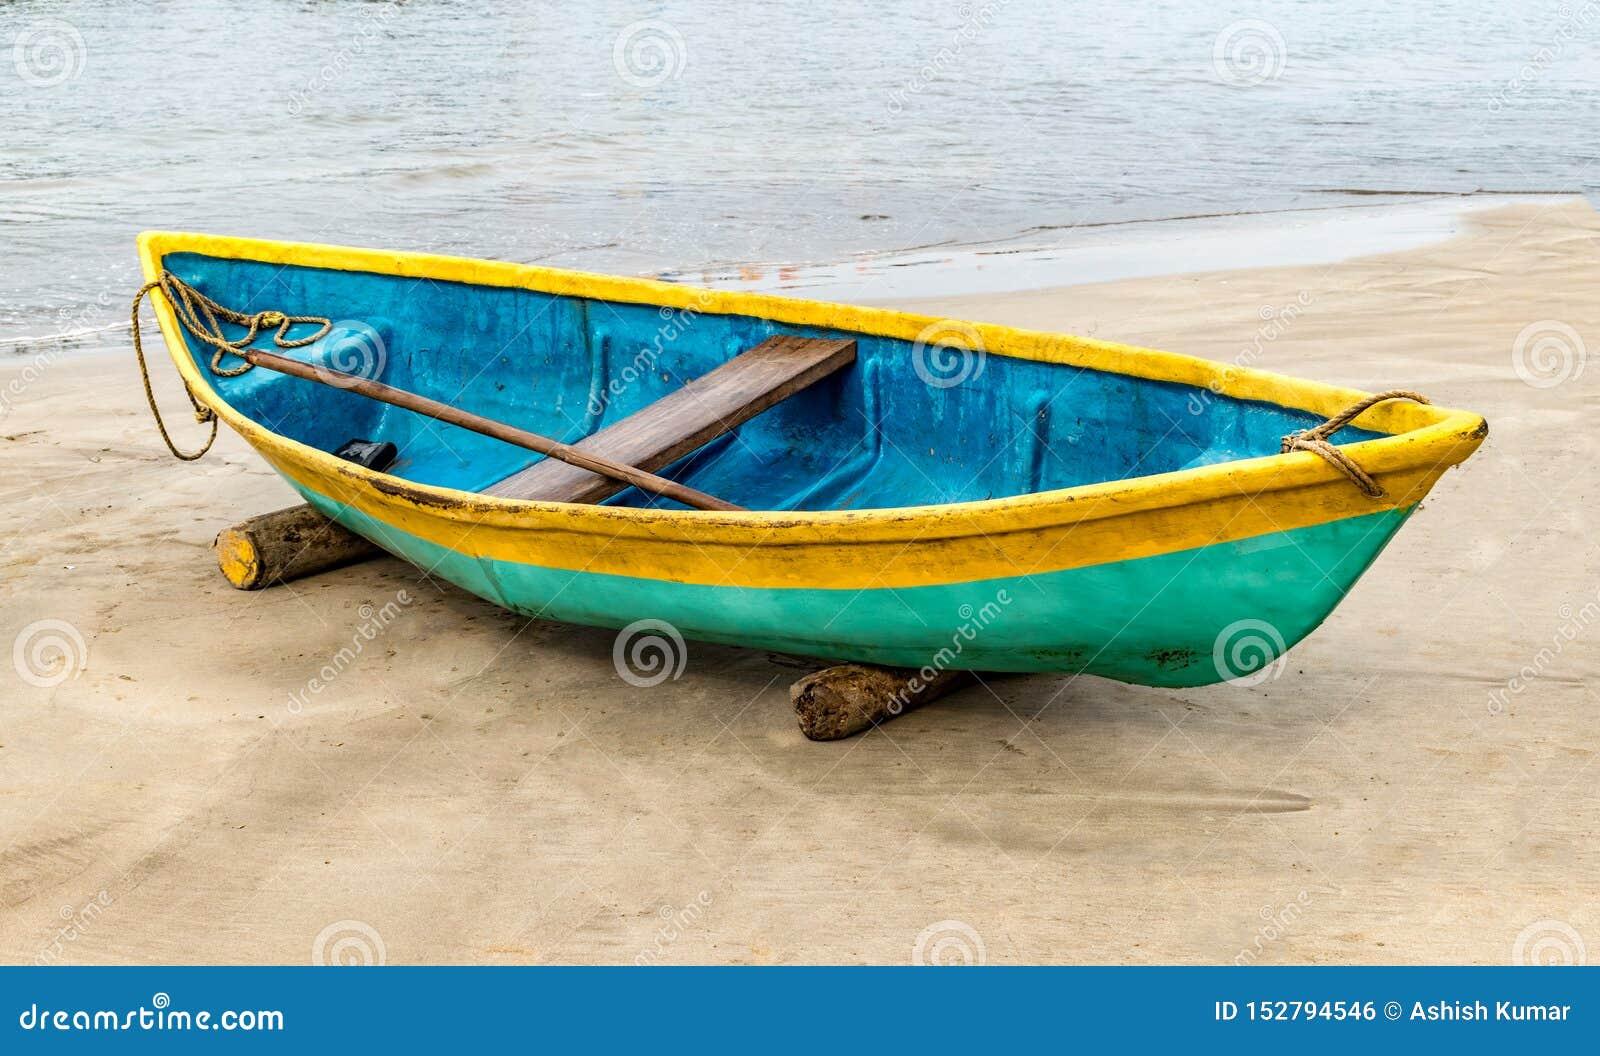 Η όμορφη φωτογραφία το κανό αλιείας, το κανό είναι χρωματισμένο ζωηρόχρωμος με τον παραδοσιακό ασιατικό τρόπο Είναι μη απασχόληση